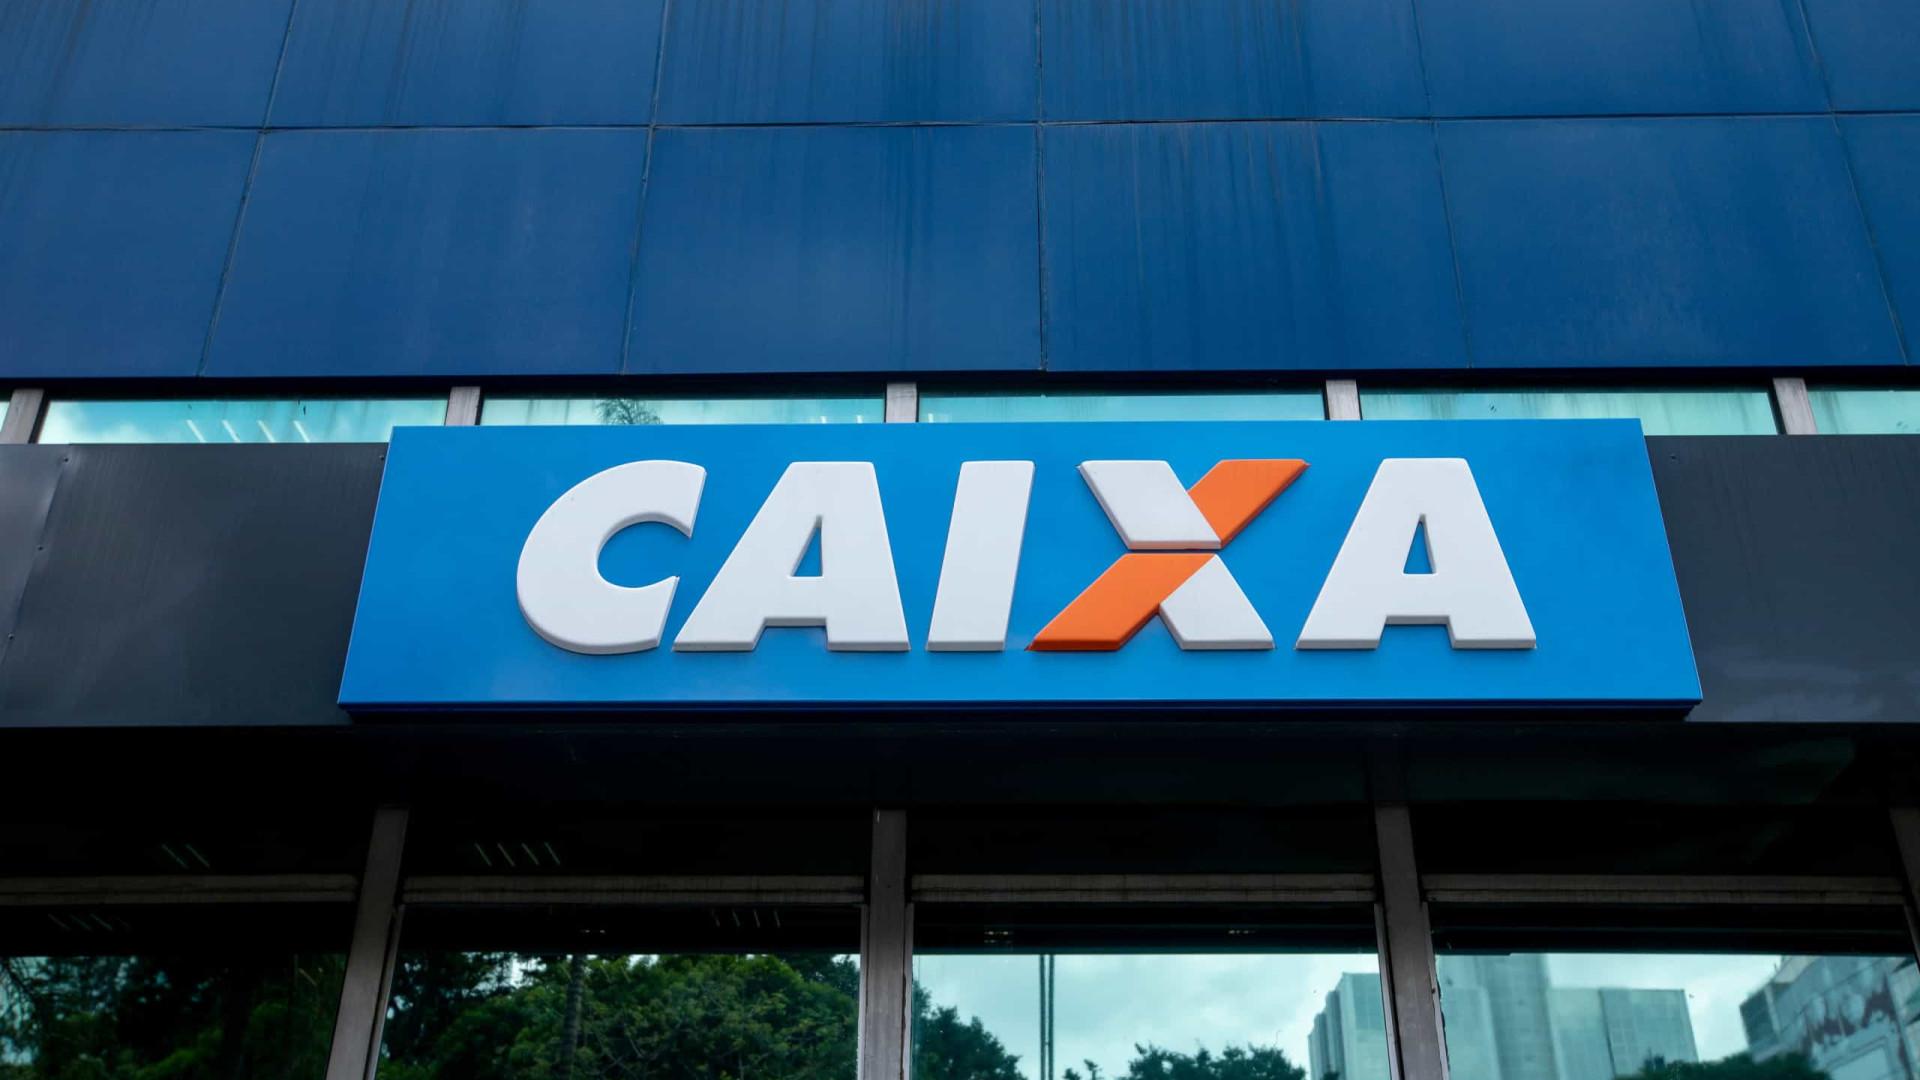 Caixa anuncia a contratação de 7,7 mil pessoas para reforçar rede de agências